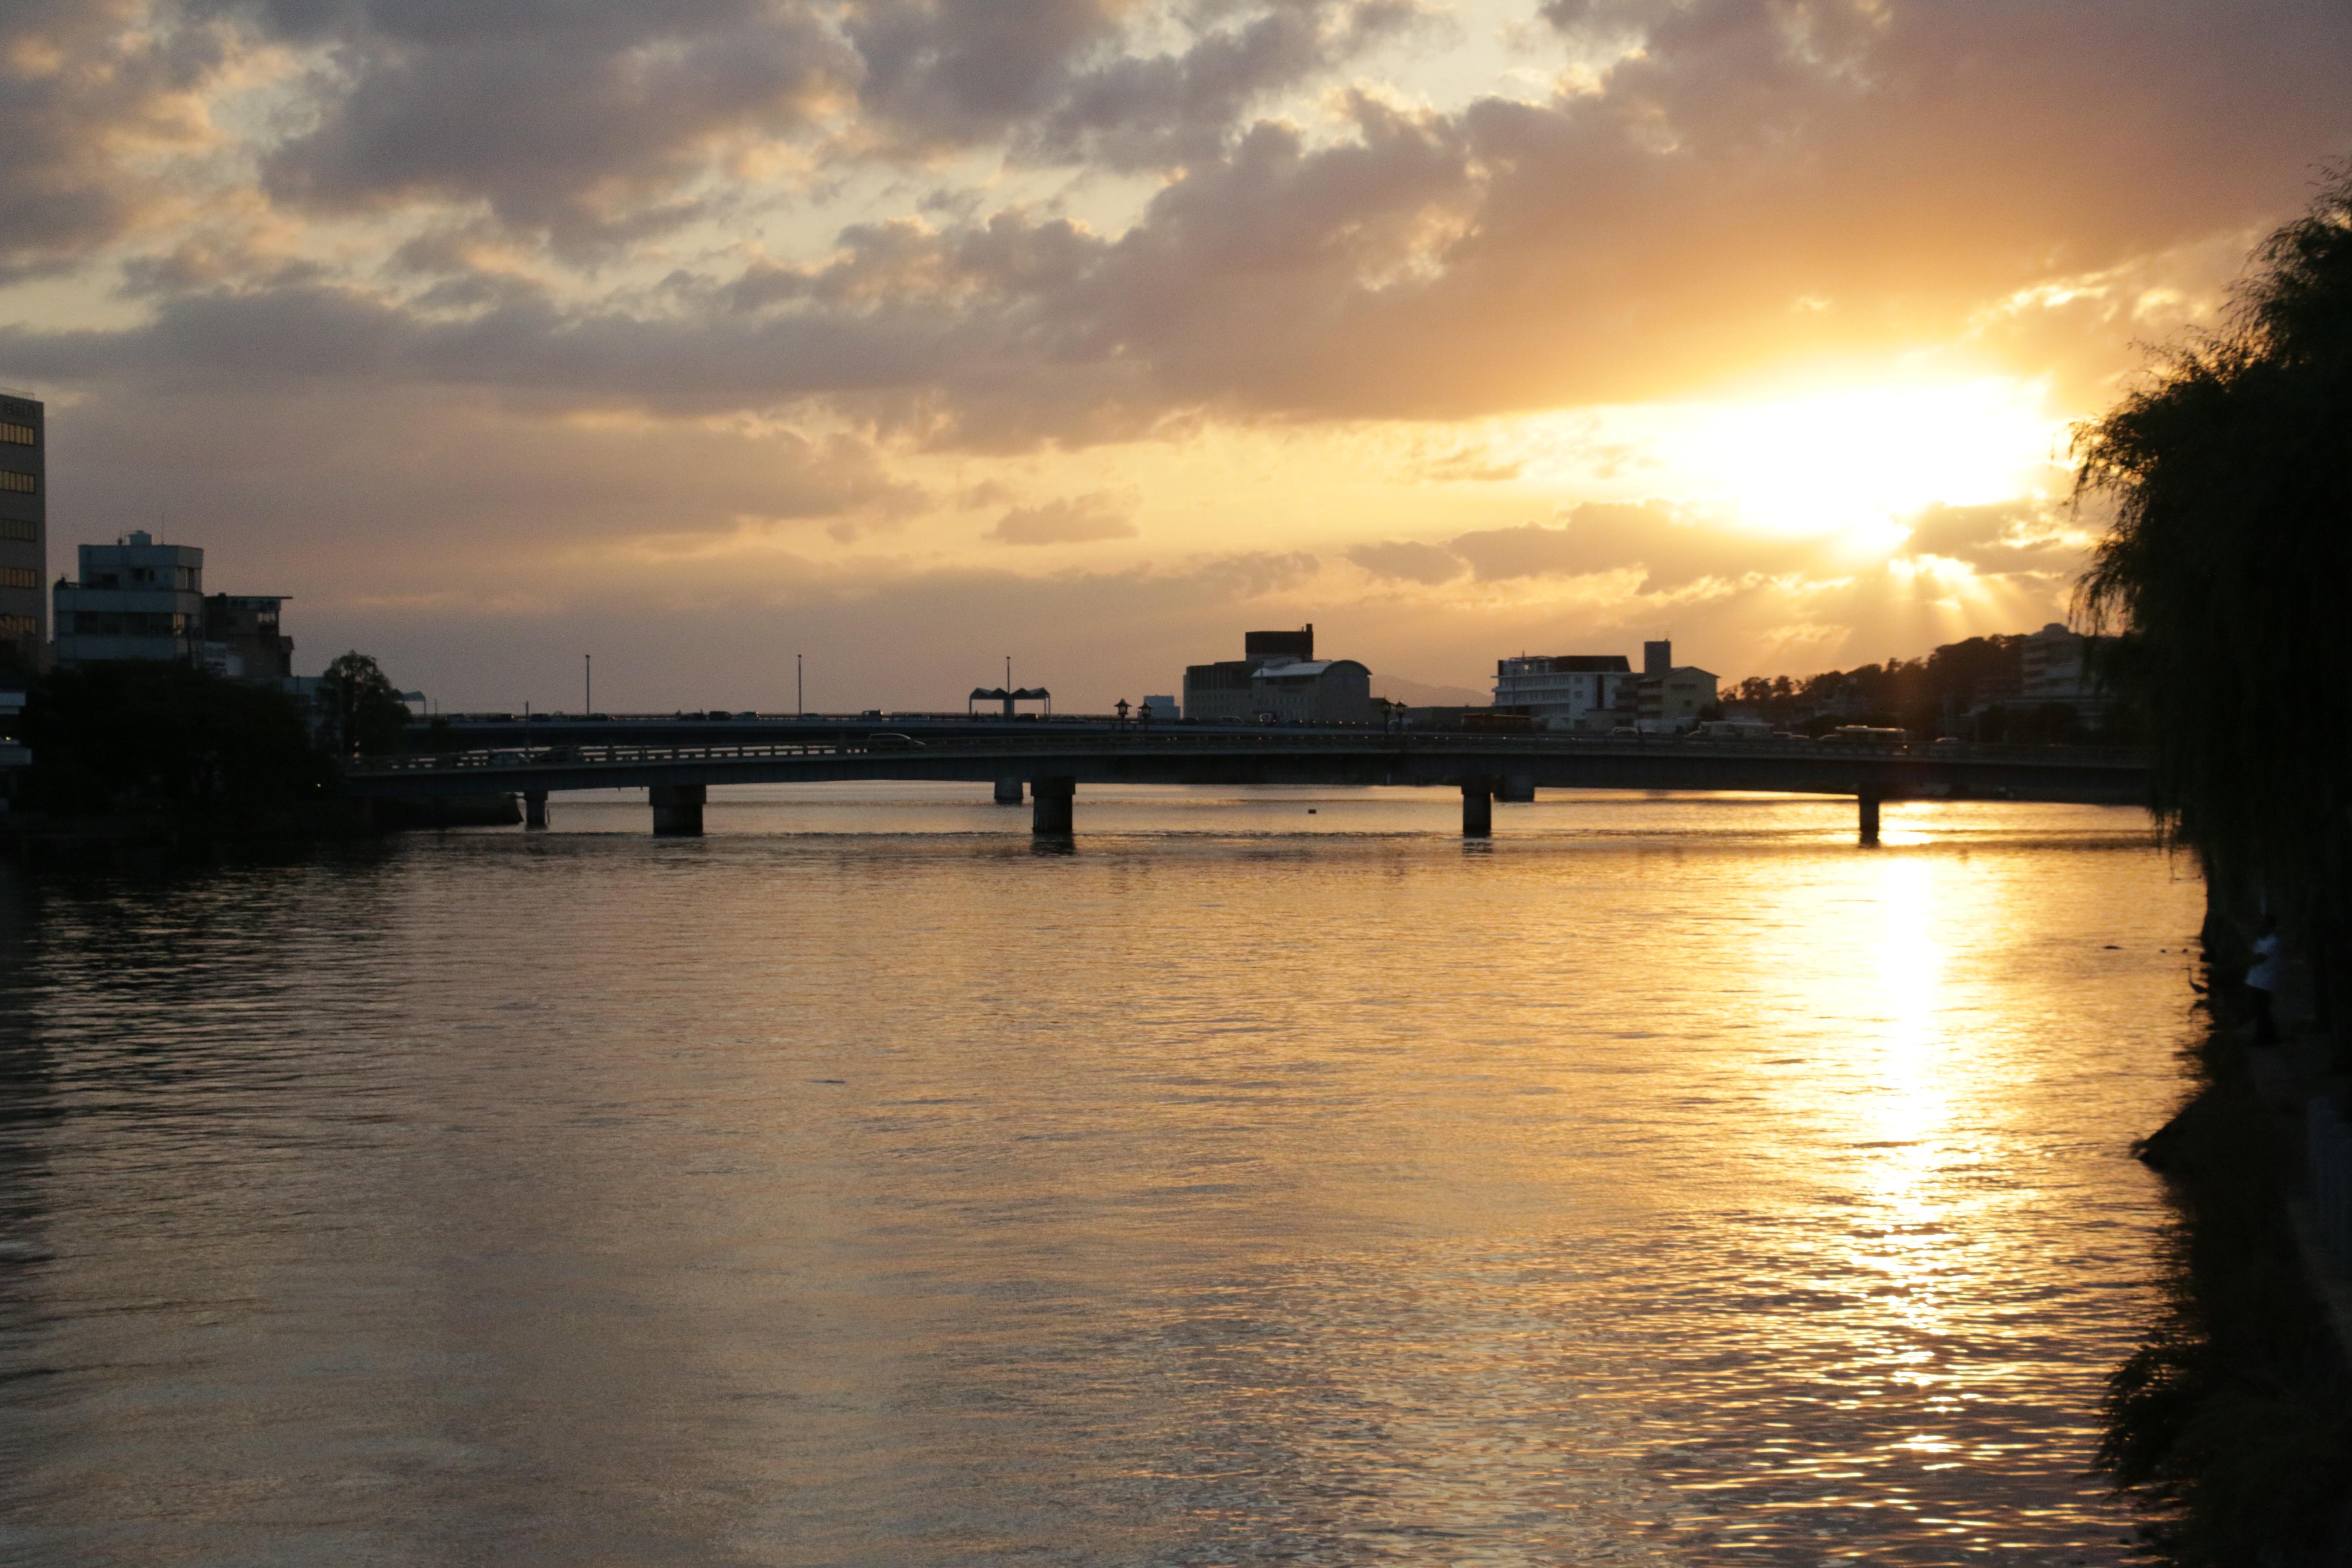 運が良ければ美しい宍道湖の夕日に出会えるかも